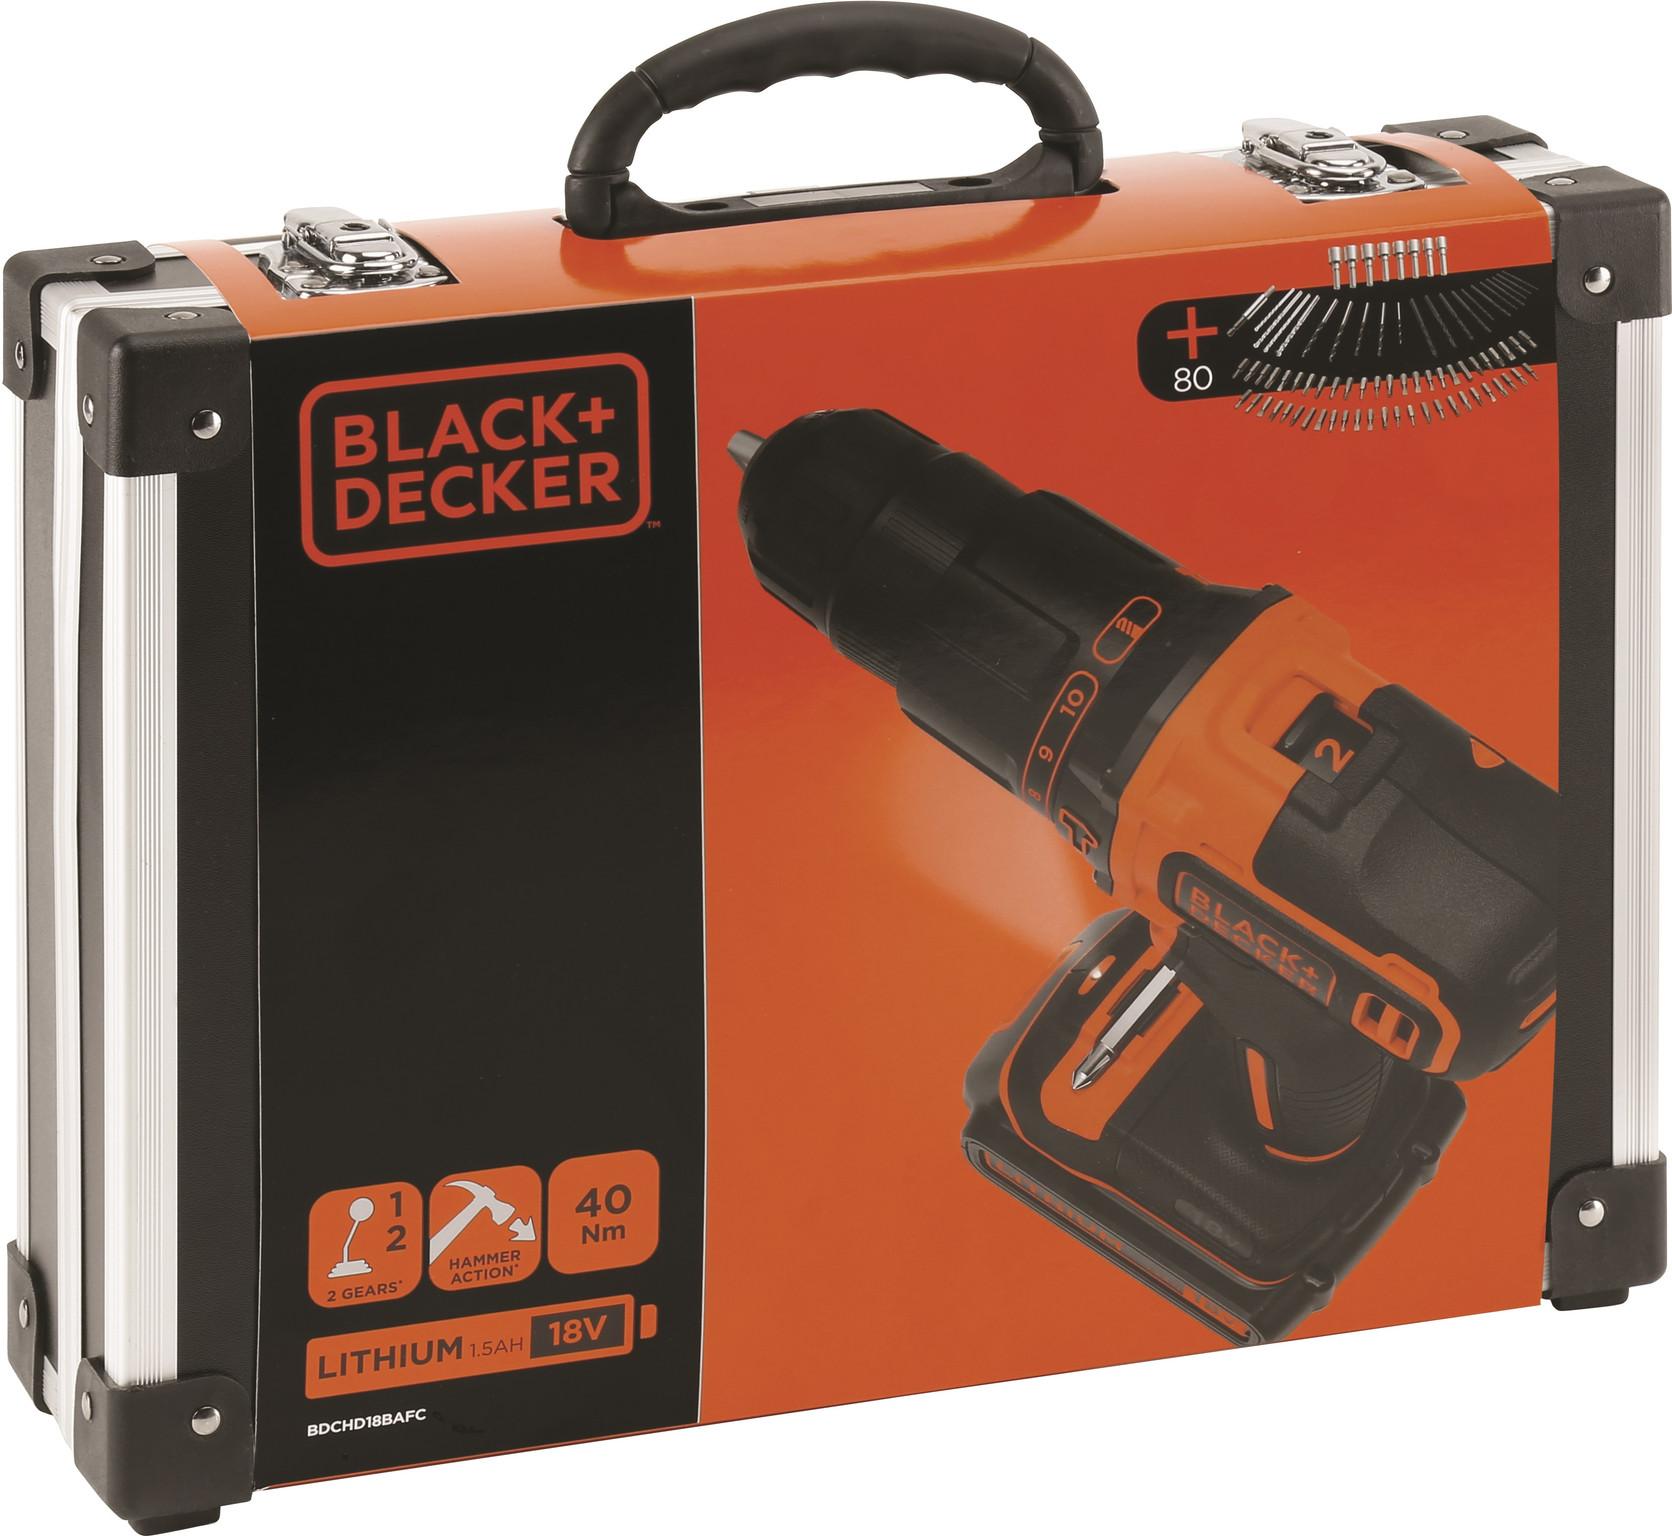 AKU udarni vrtalnik 18 V Black & Decker s priborom